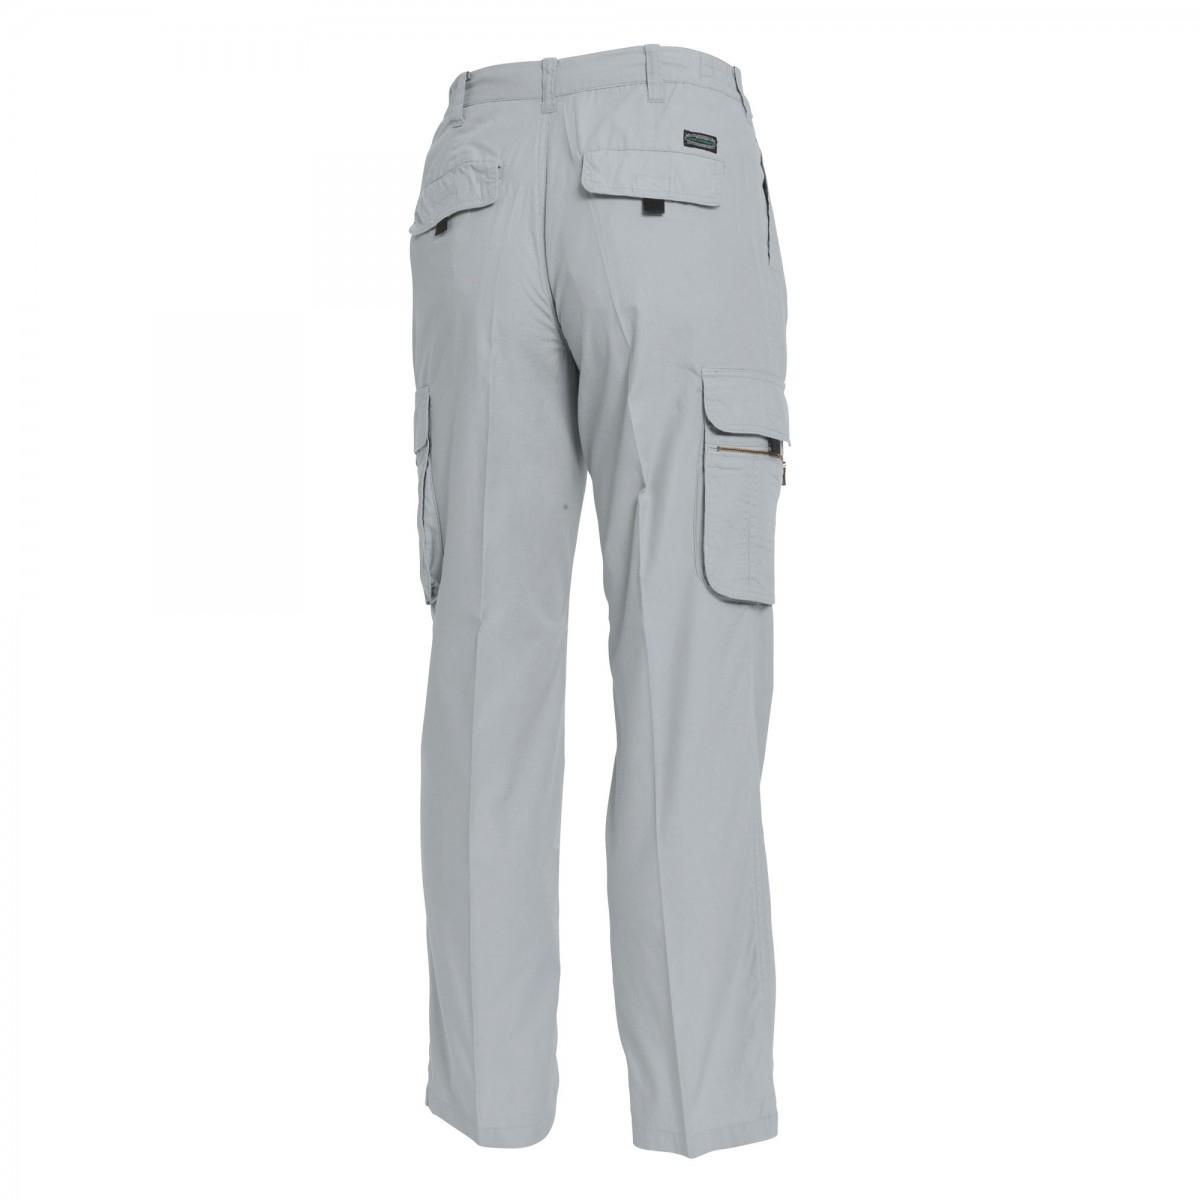 【TSDESIGN】工作褲  【3104】 - 「Webike-摩托百貨」